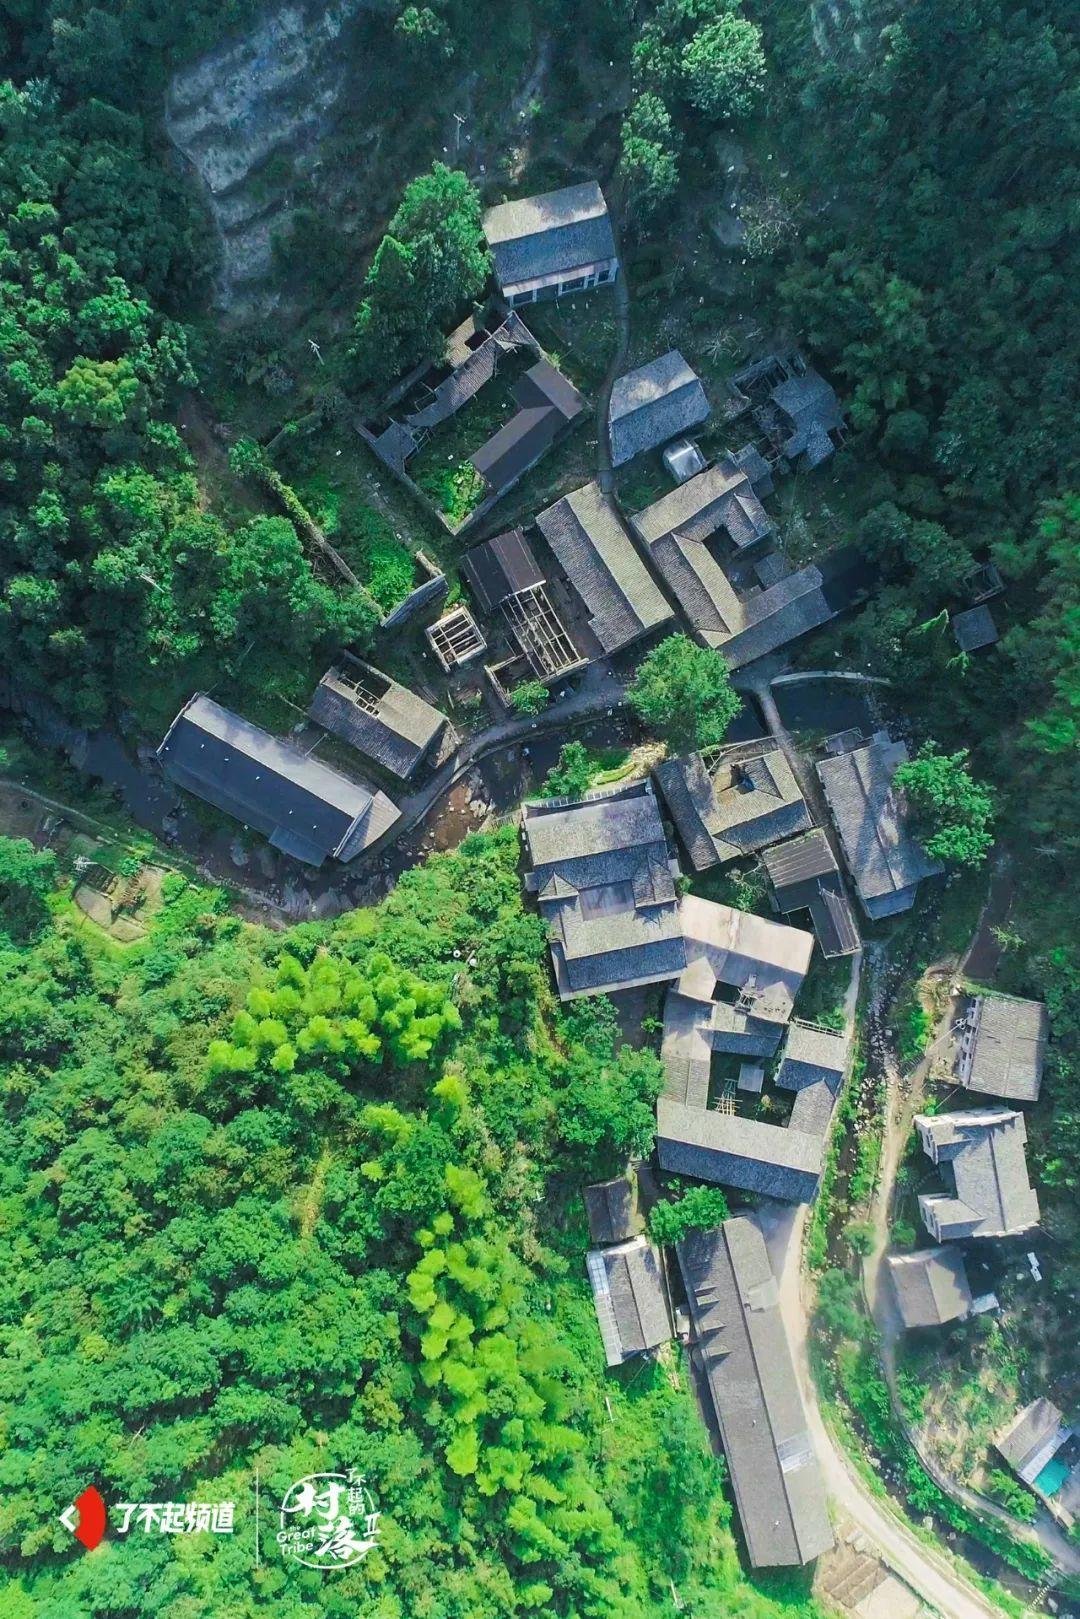 浙江岙陈村   只剩八个老人的村落里,有着爱情最美好的模样